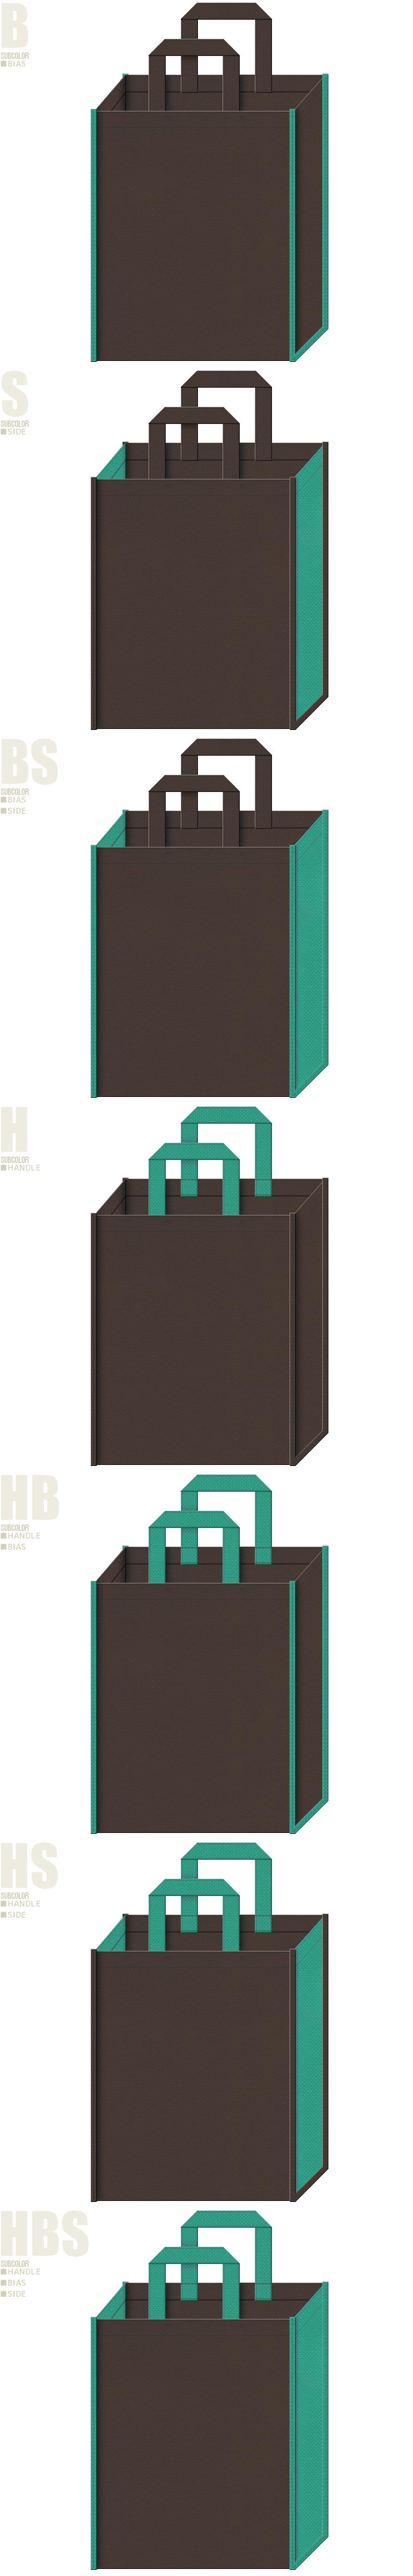 壁面緑化・屋上緑化・アロマ・ハーブの展示会用バッグにお奨めの不織布バッグデザイン:こげ茶色と青緑色の不織布バッグ配色7パターン。